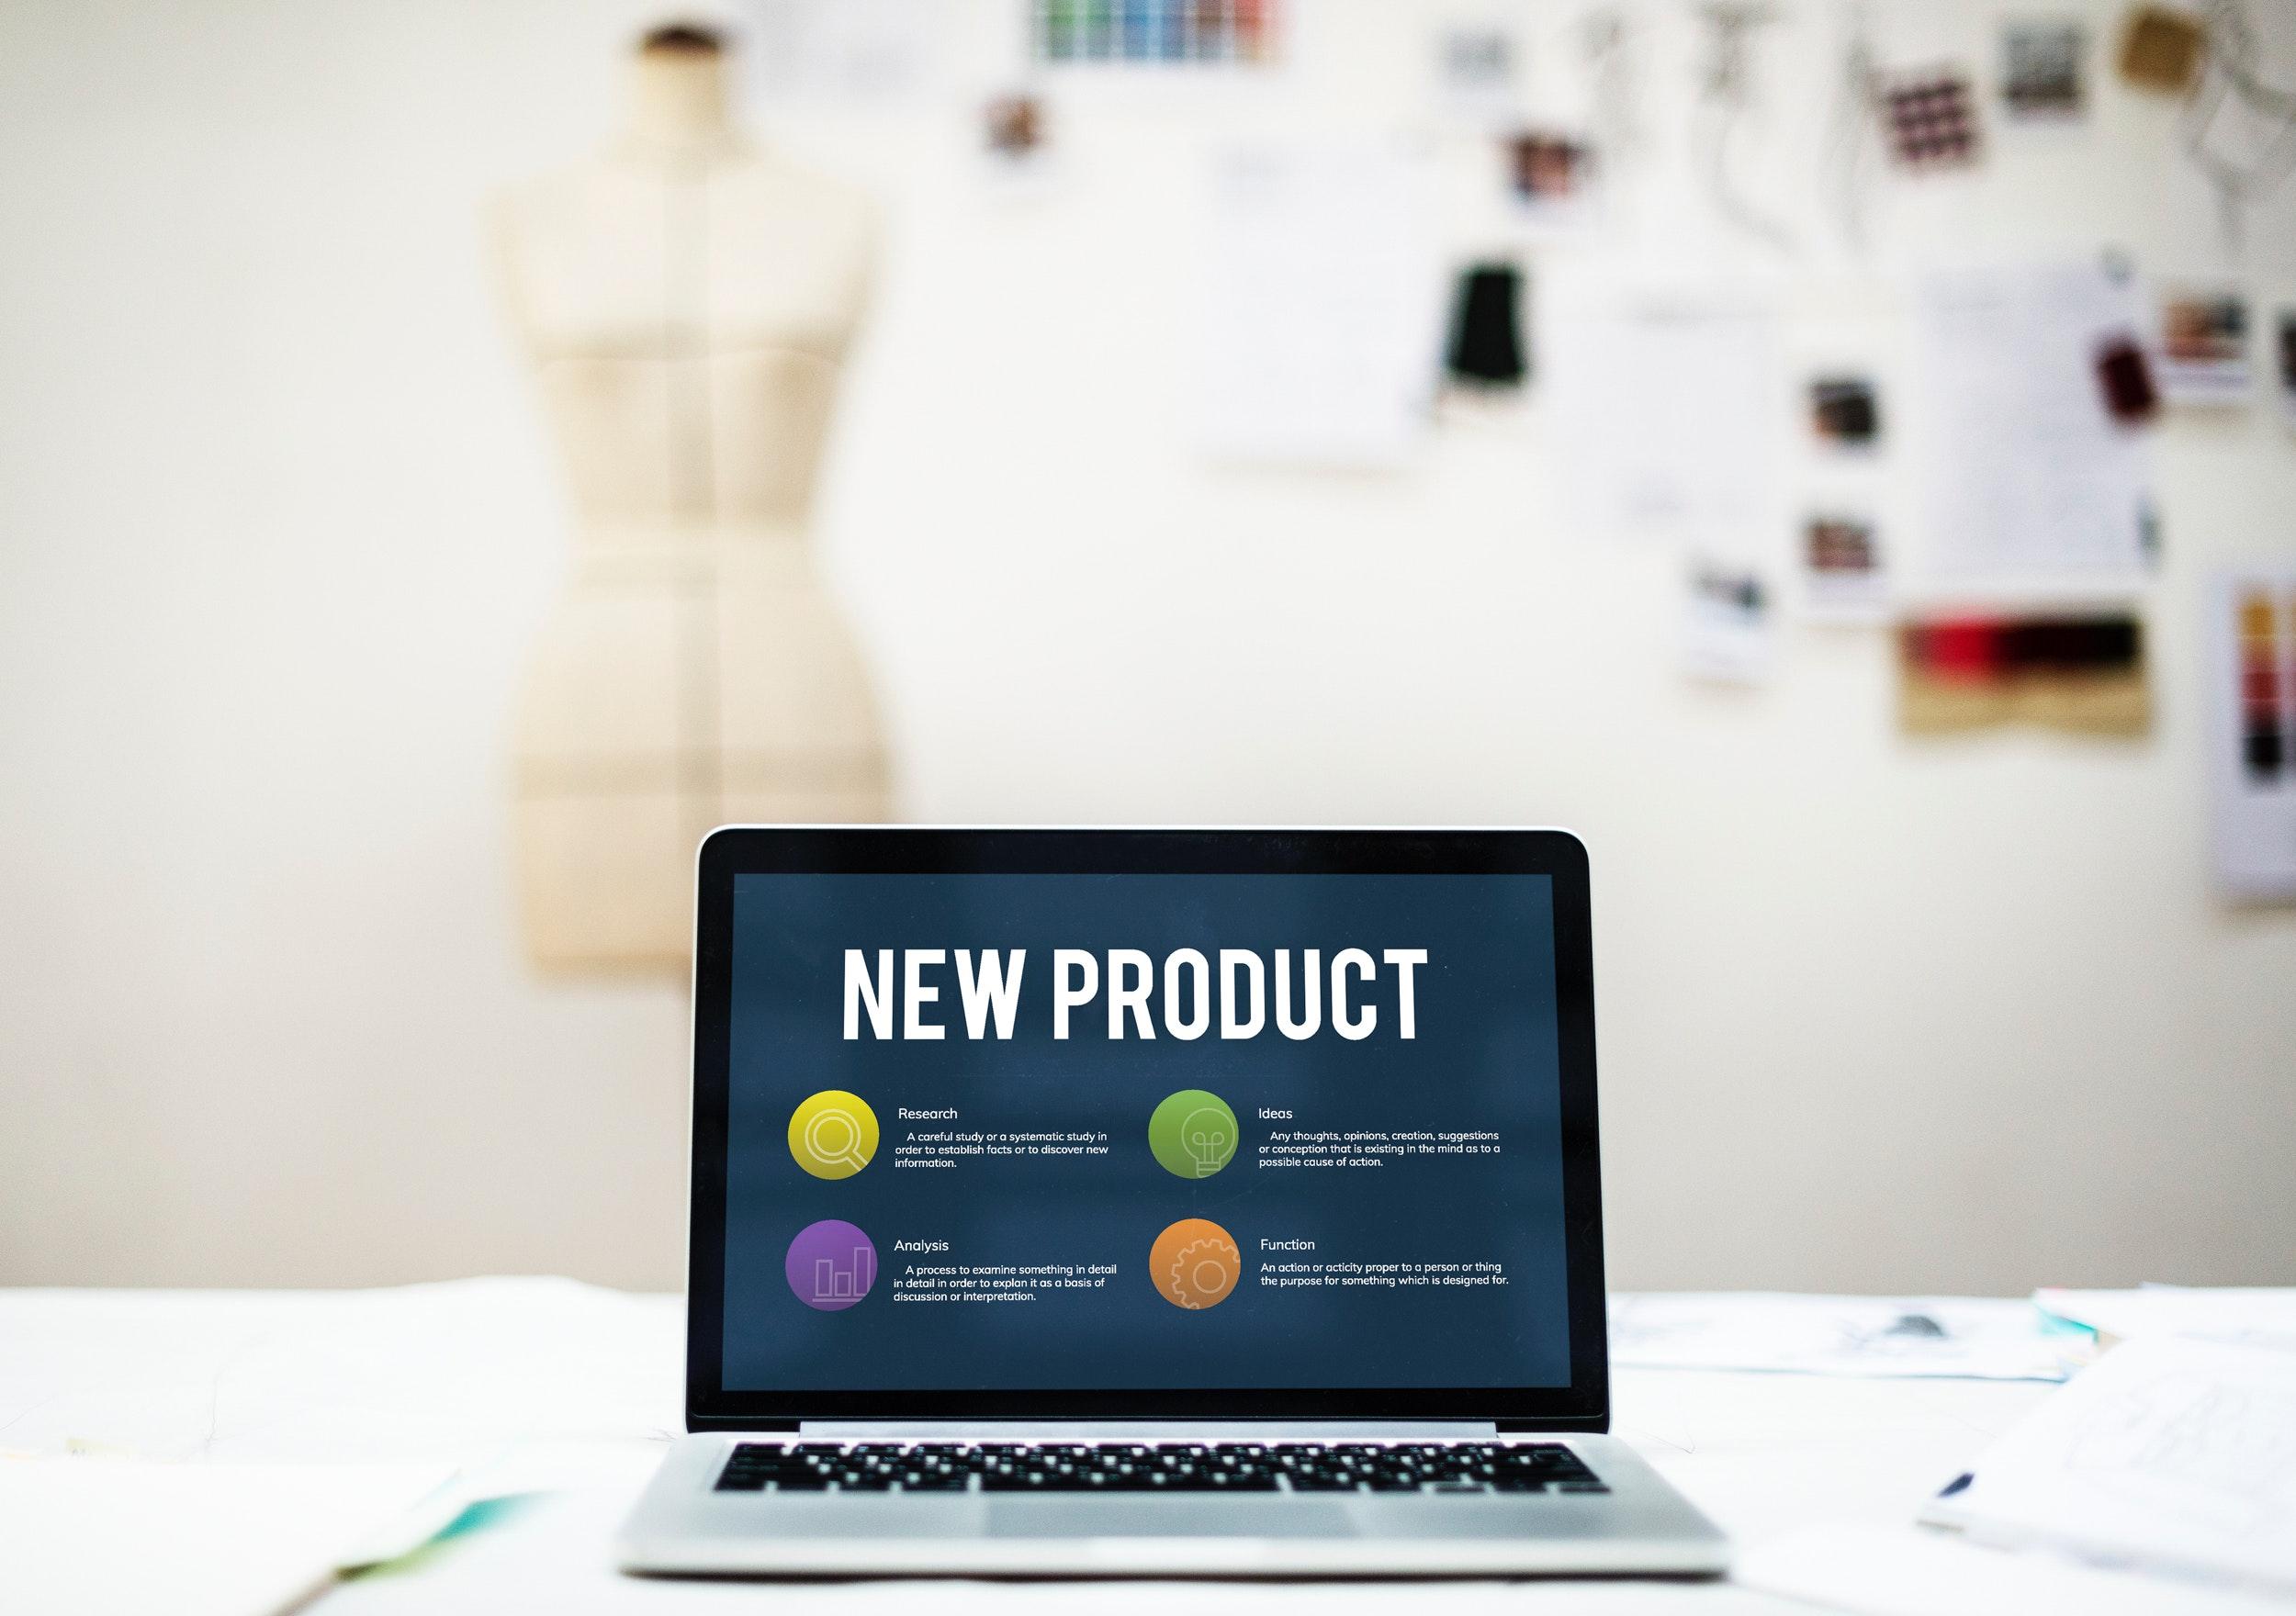 desarrollo nuevos productos